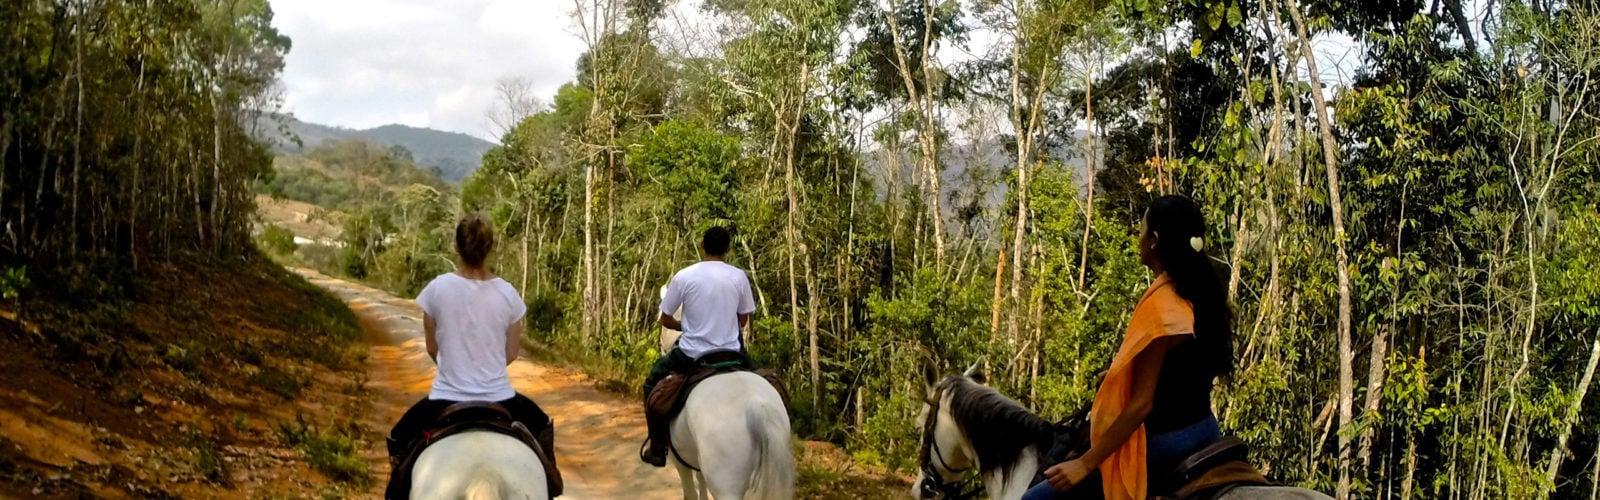 ibitipoca-horese-riding